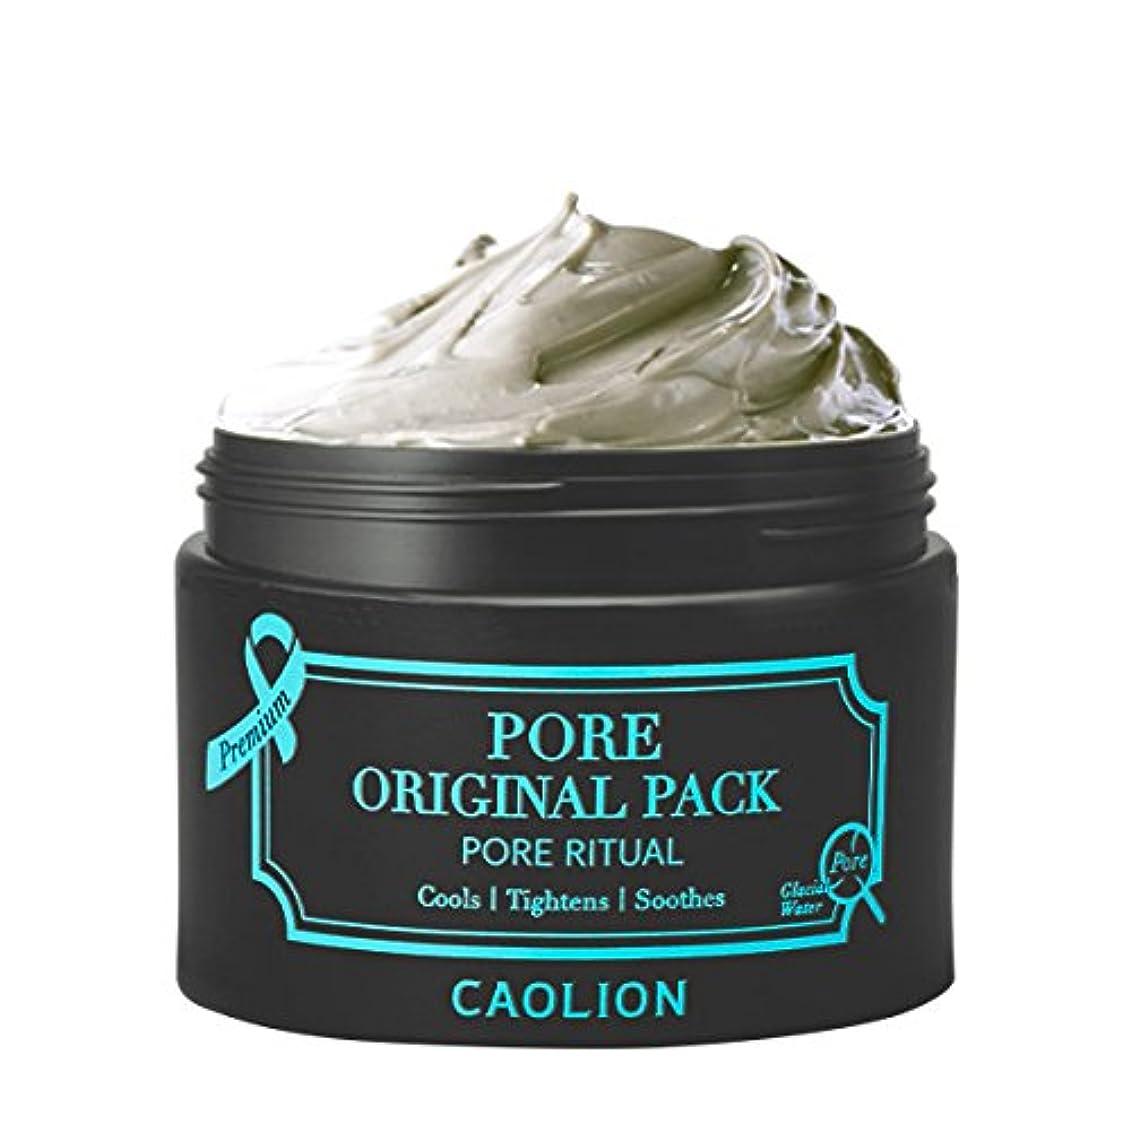 輝く仲人若者CAOLION Premium Pore Origianl Pack オリジナルパック毛穴引締め [海外直送品] [並行輸入品]